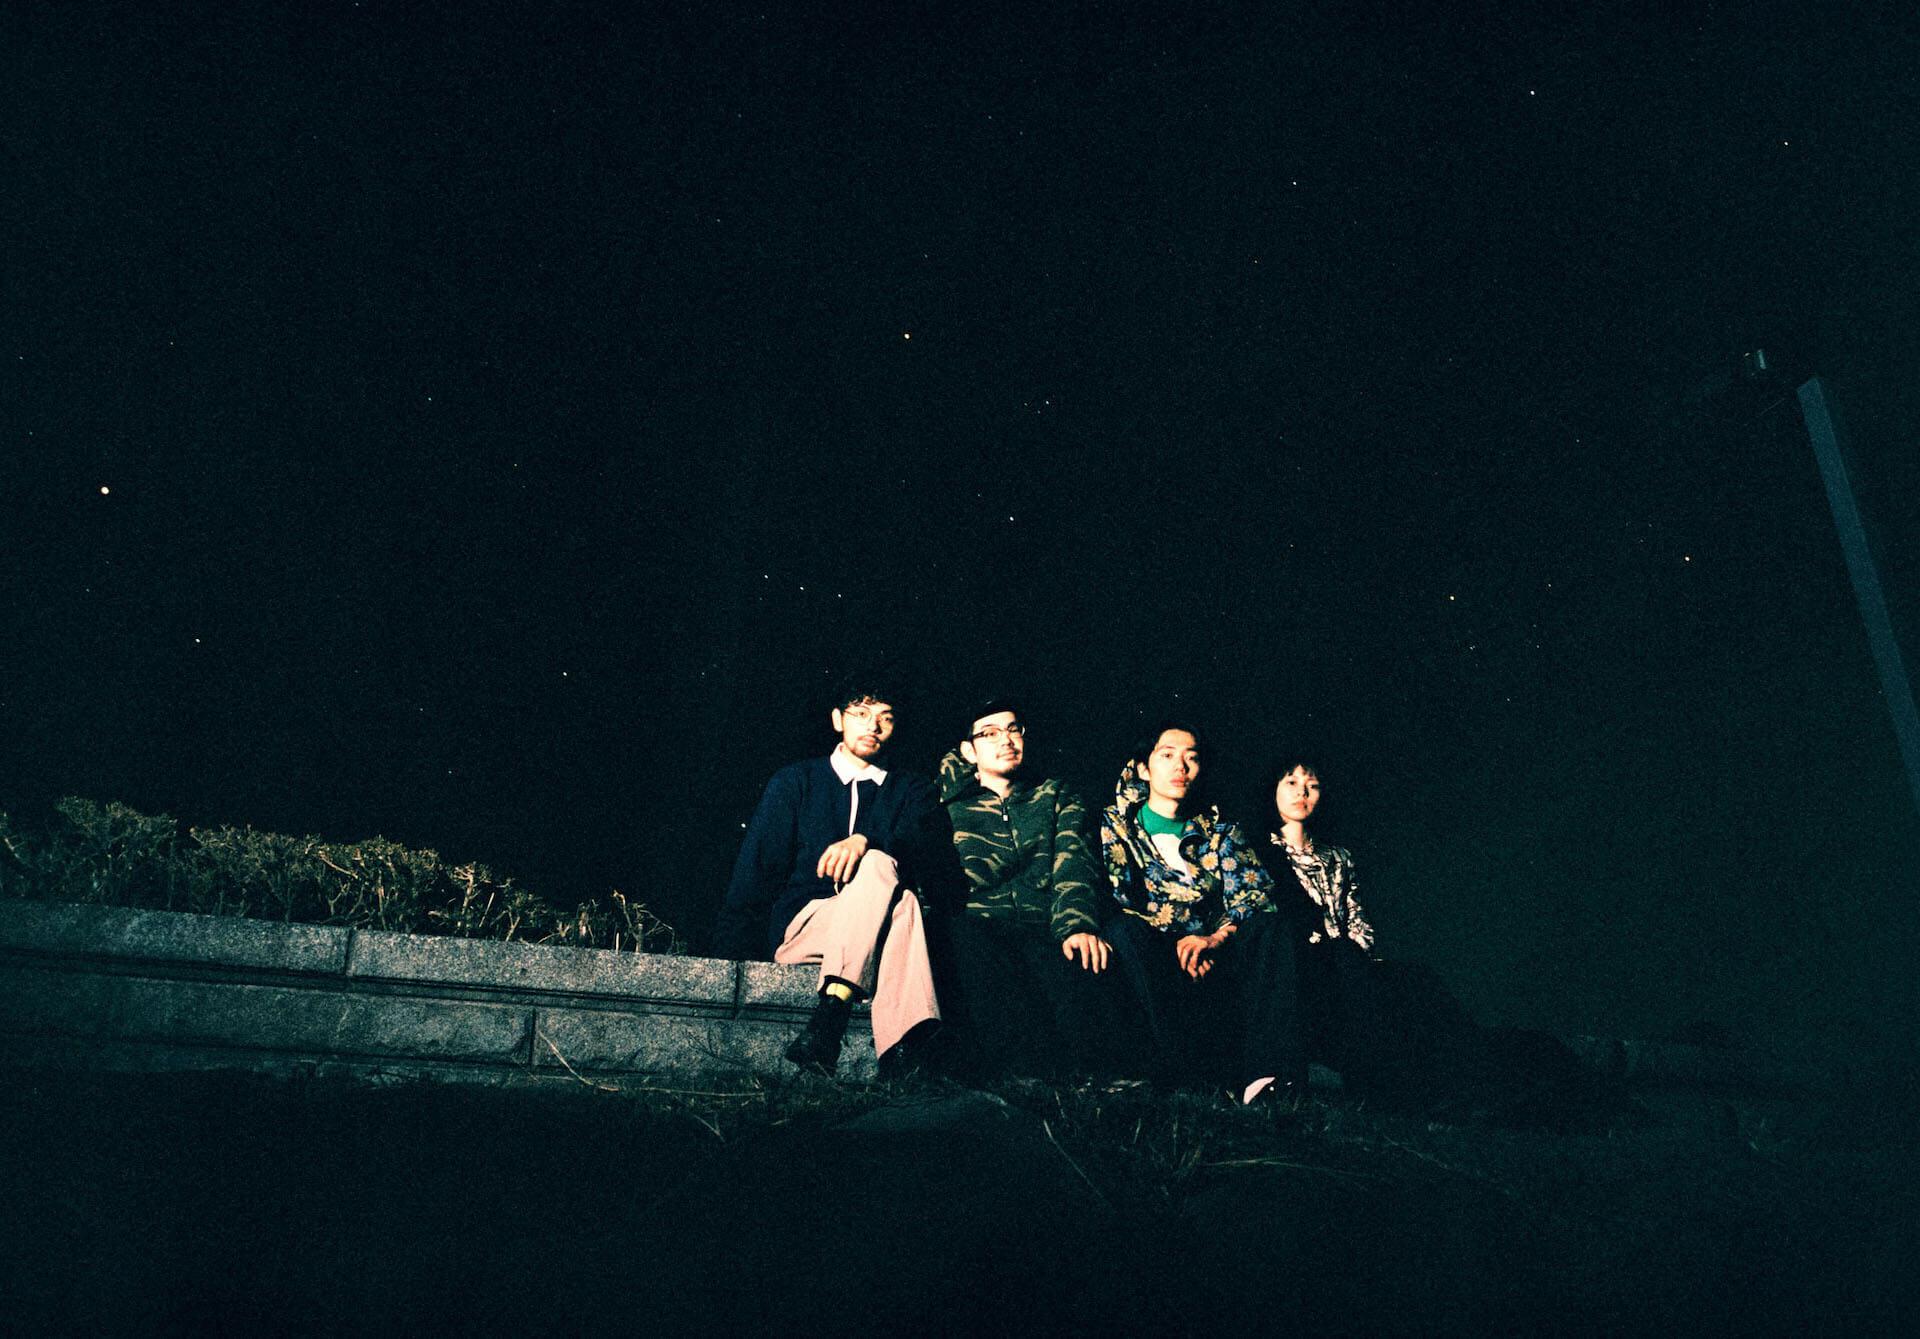 """MONO NO AWAREのニューアルバム『行列のできる方舟』収録曲""""異邦人""""のMVが公開!奥田昌輝によるアニメMVに music210609_mononoaware_2"""